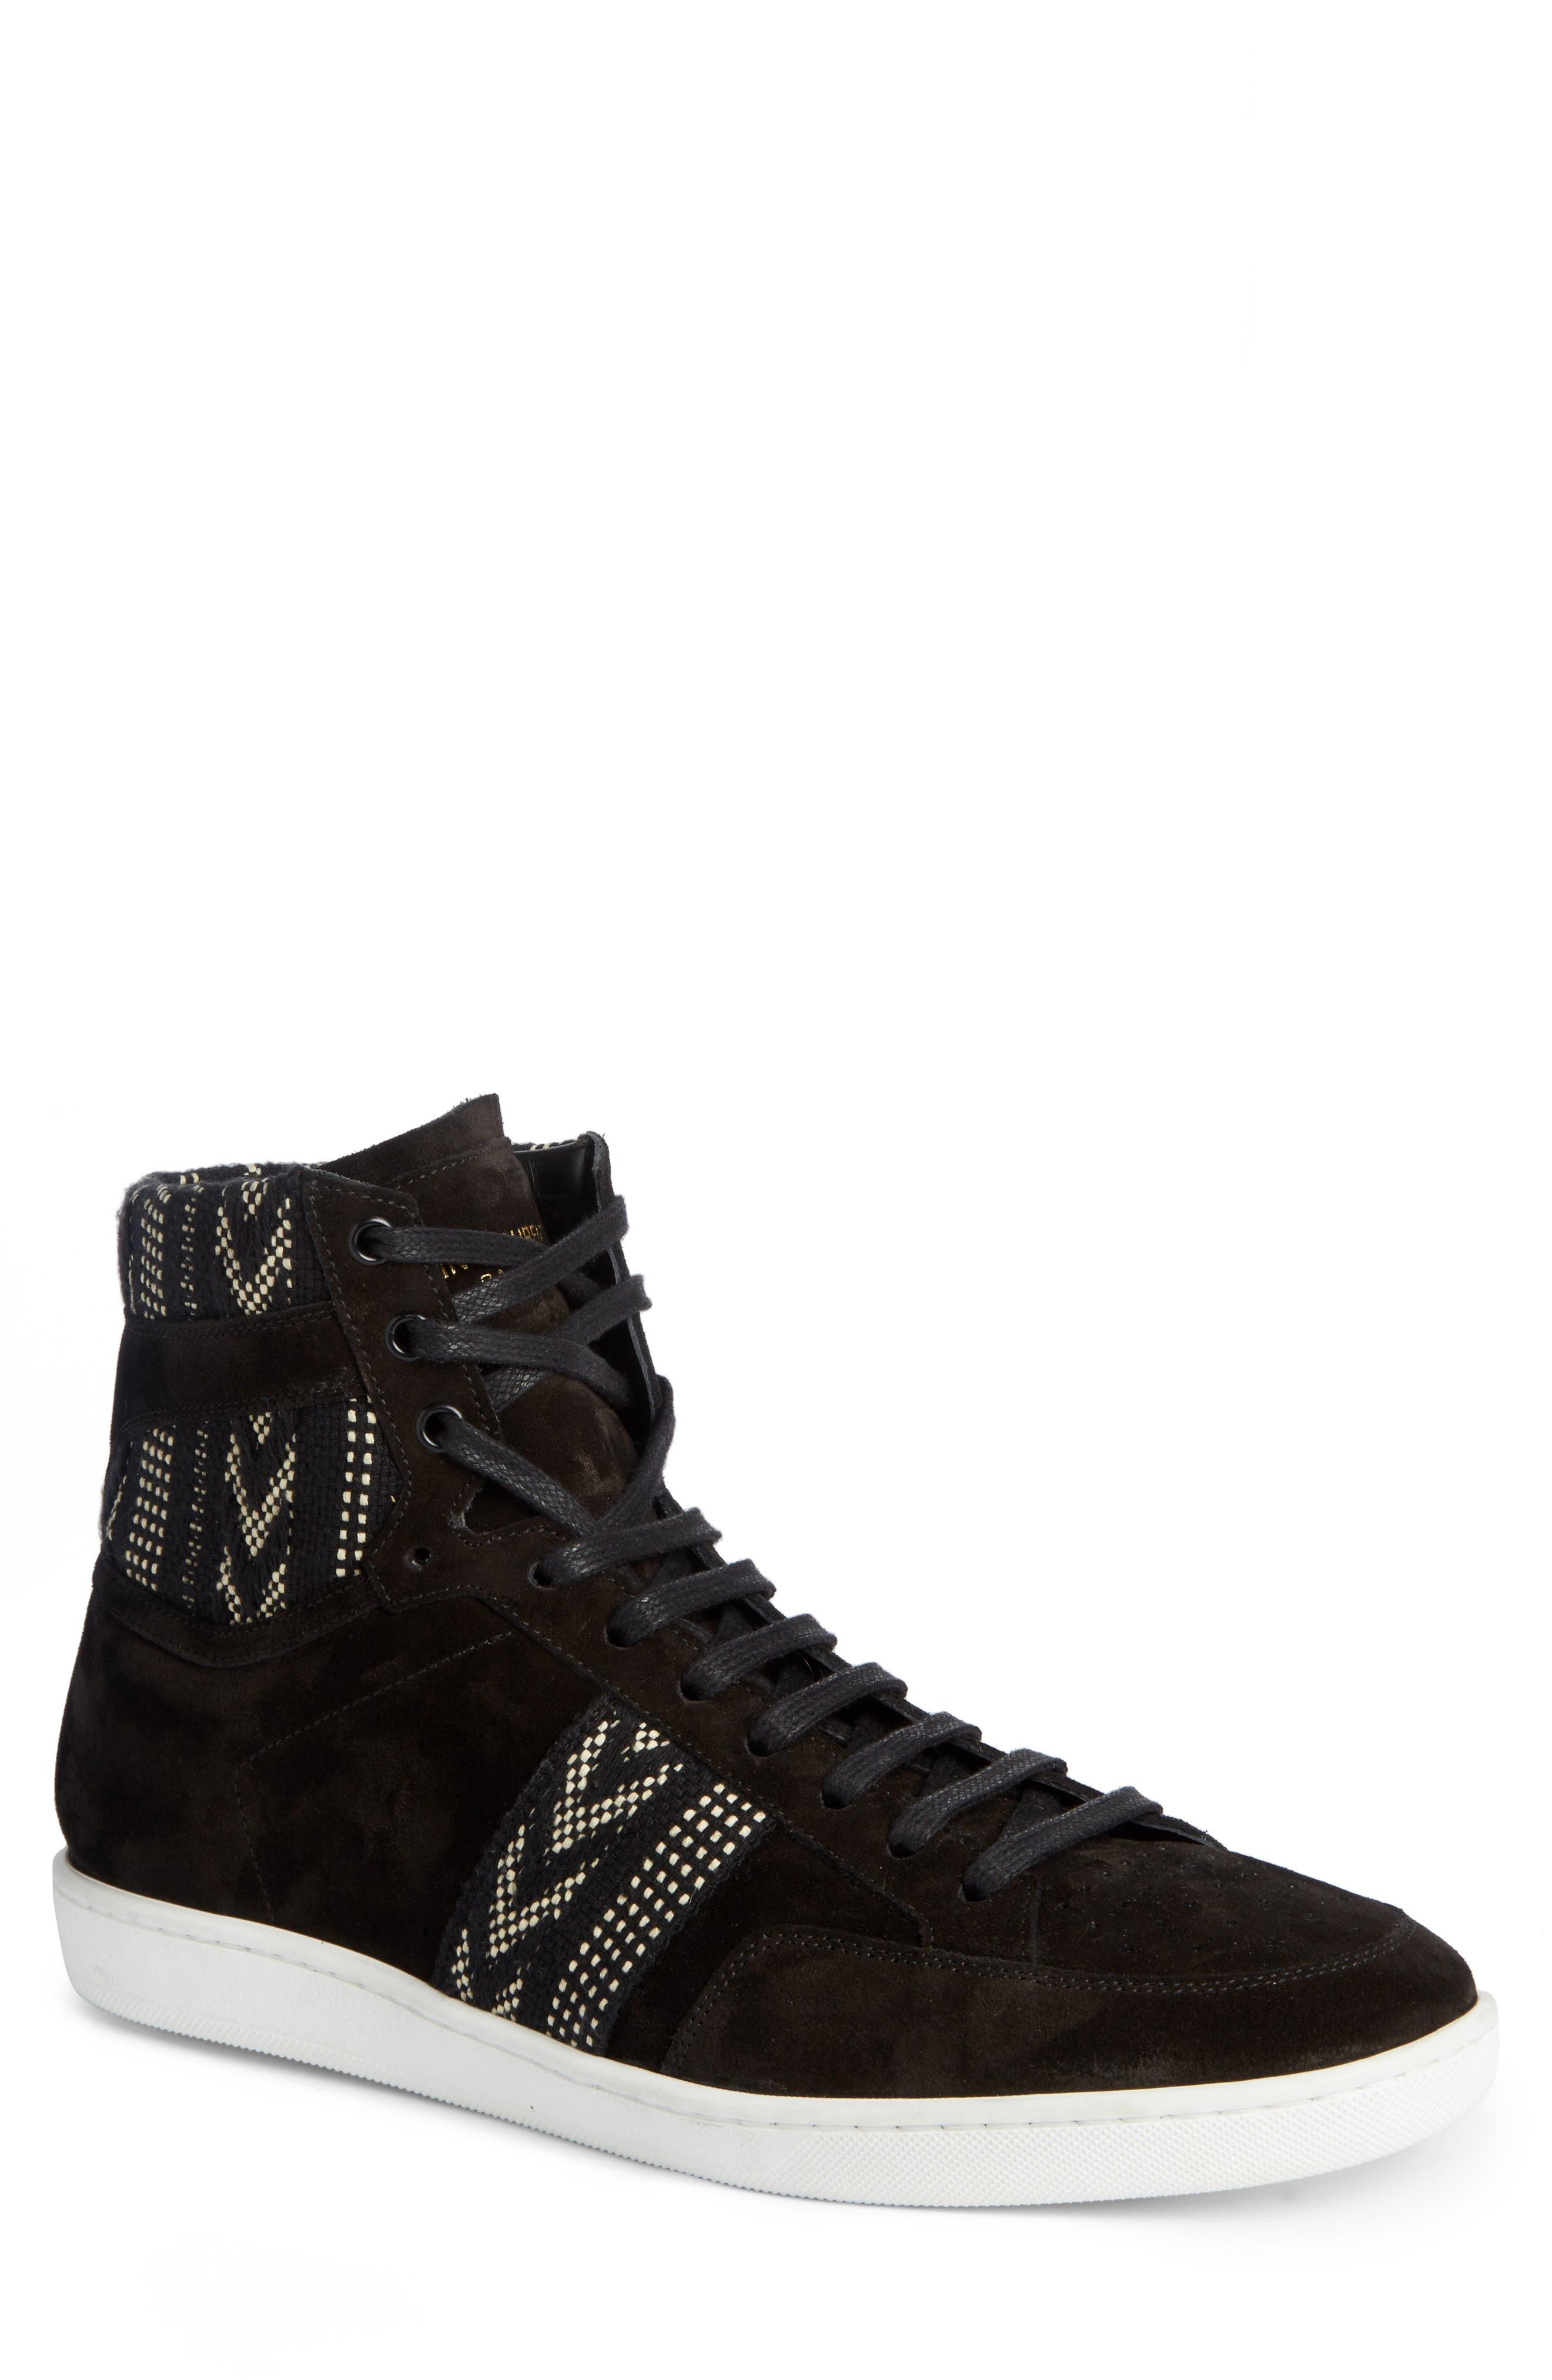 Alternate Image 1 Selected - Saint Laurent High Top Sneaker (Men)